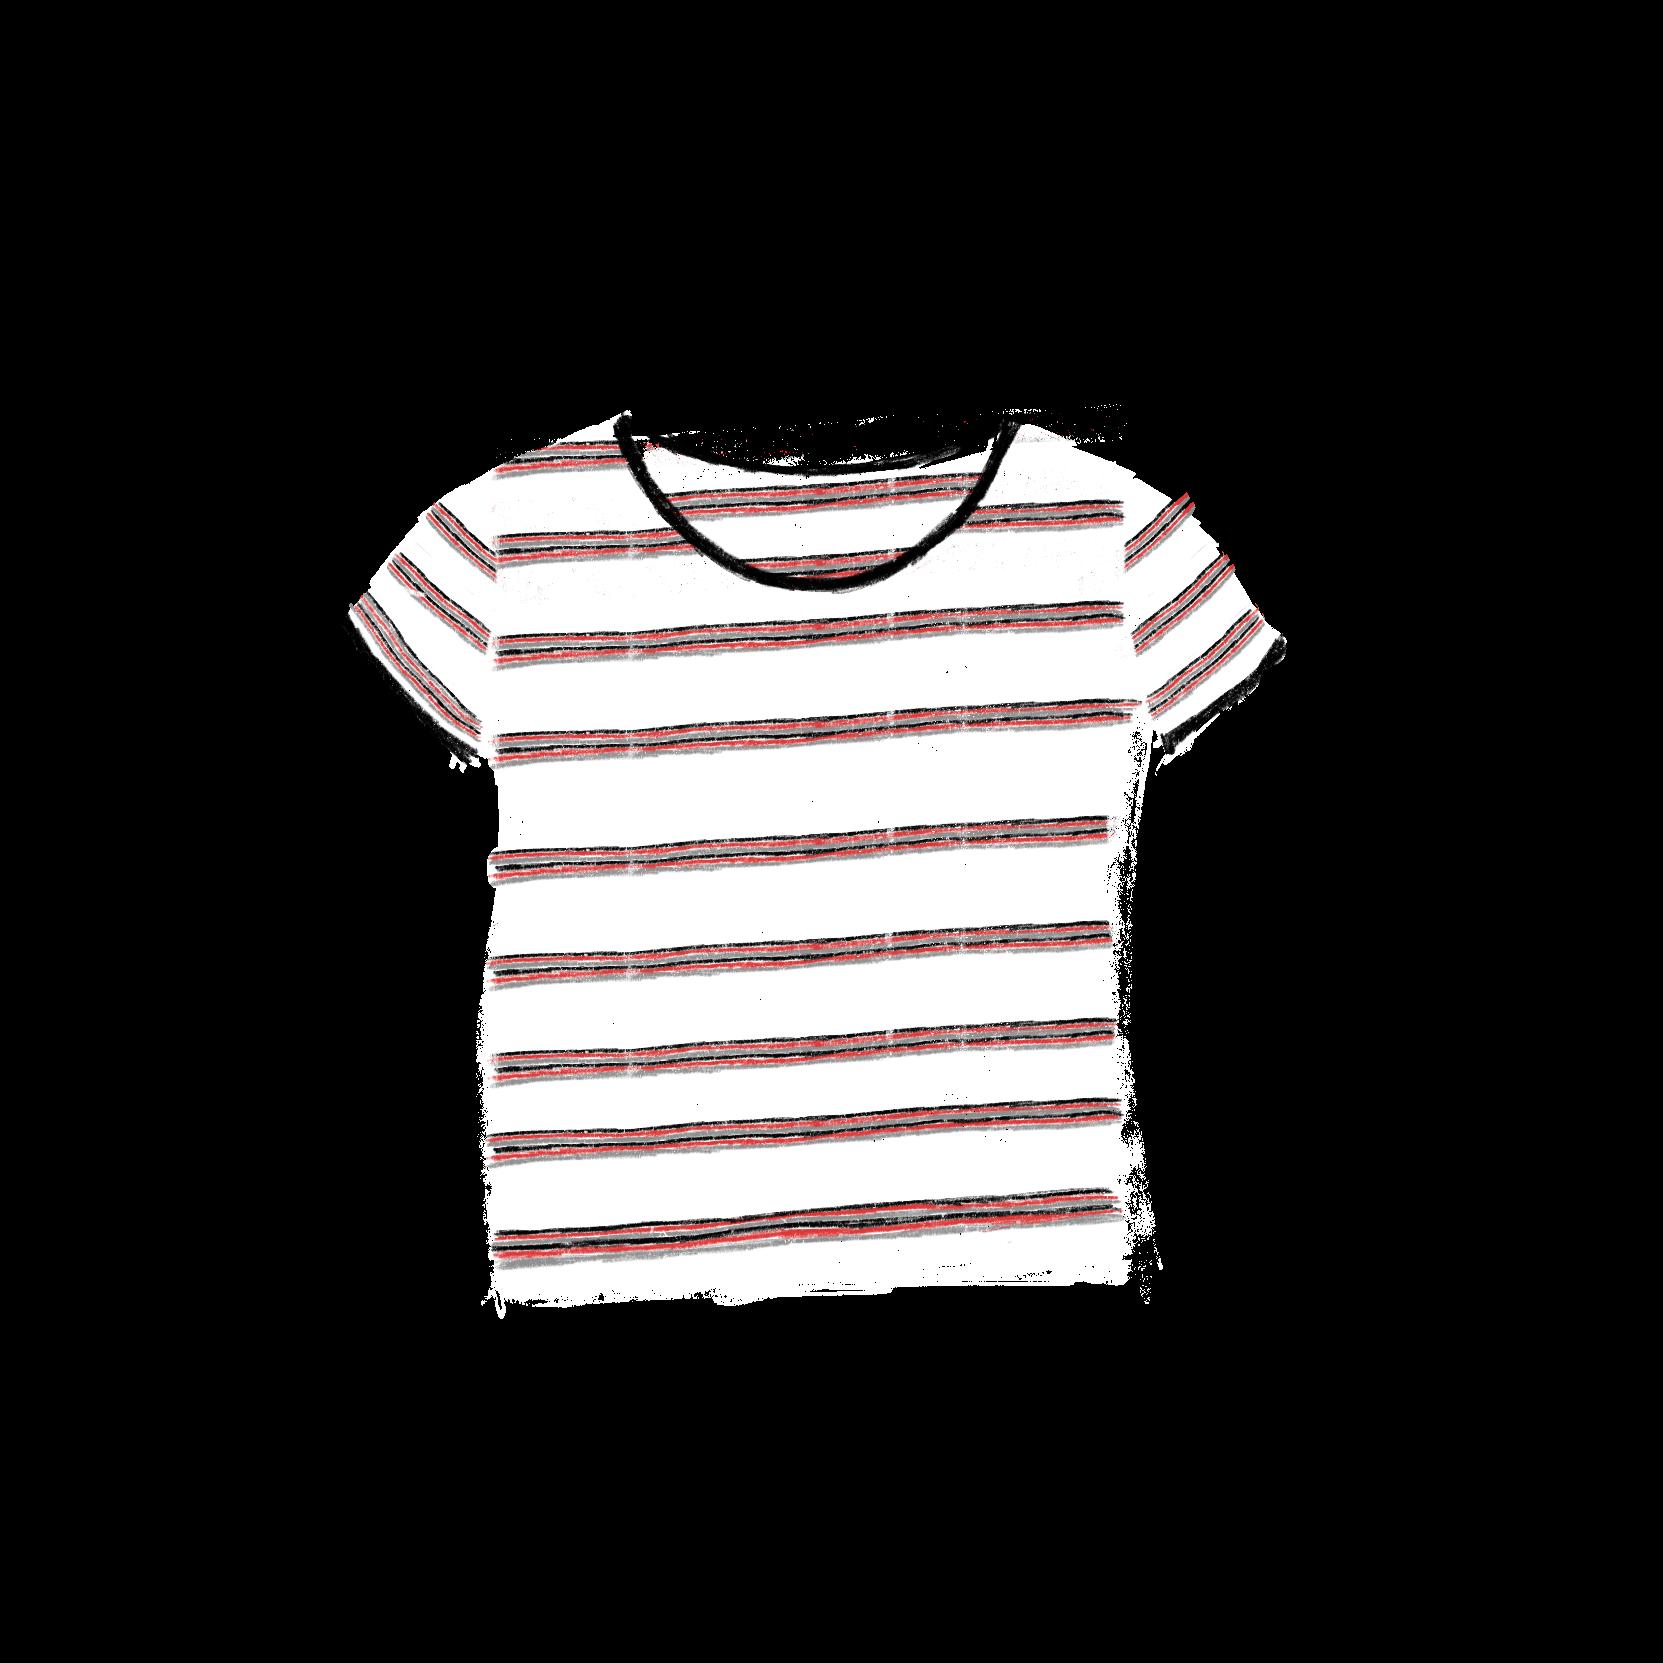 02_Camiseta